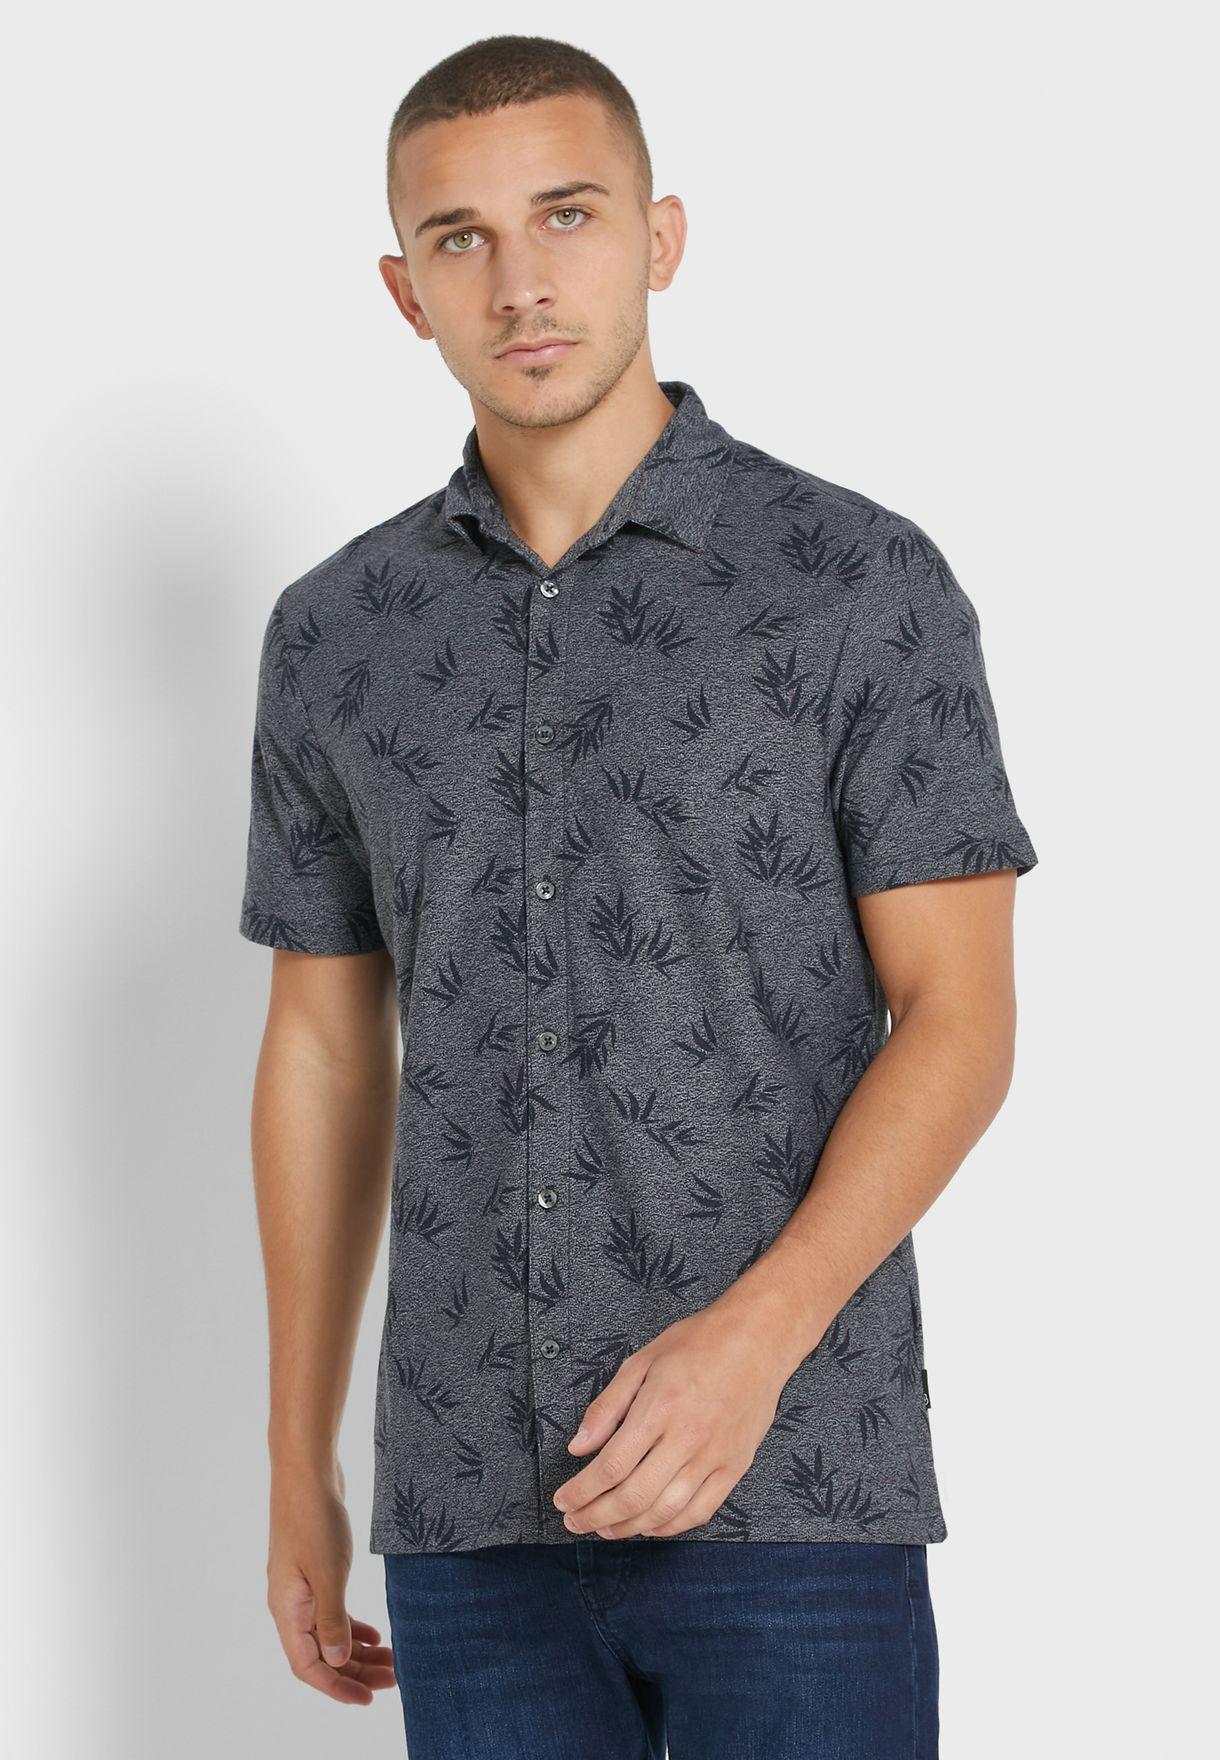 Bamboo Print Slim Fit Shirt